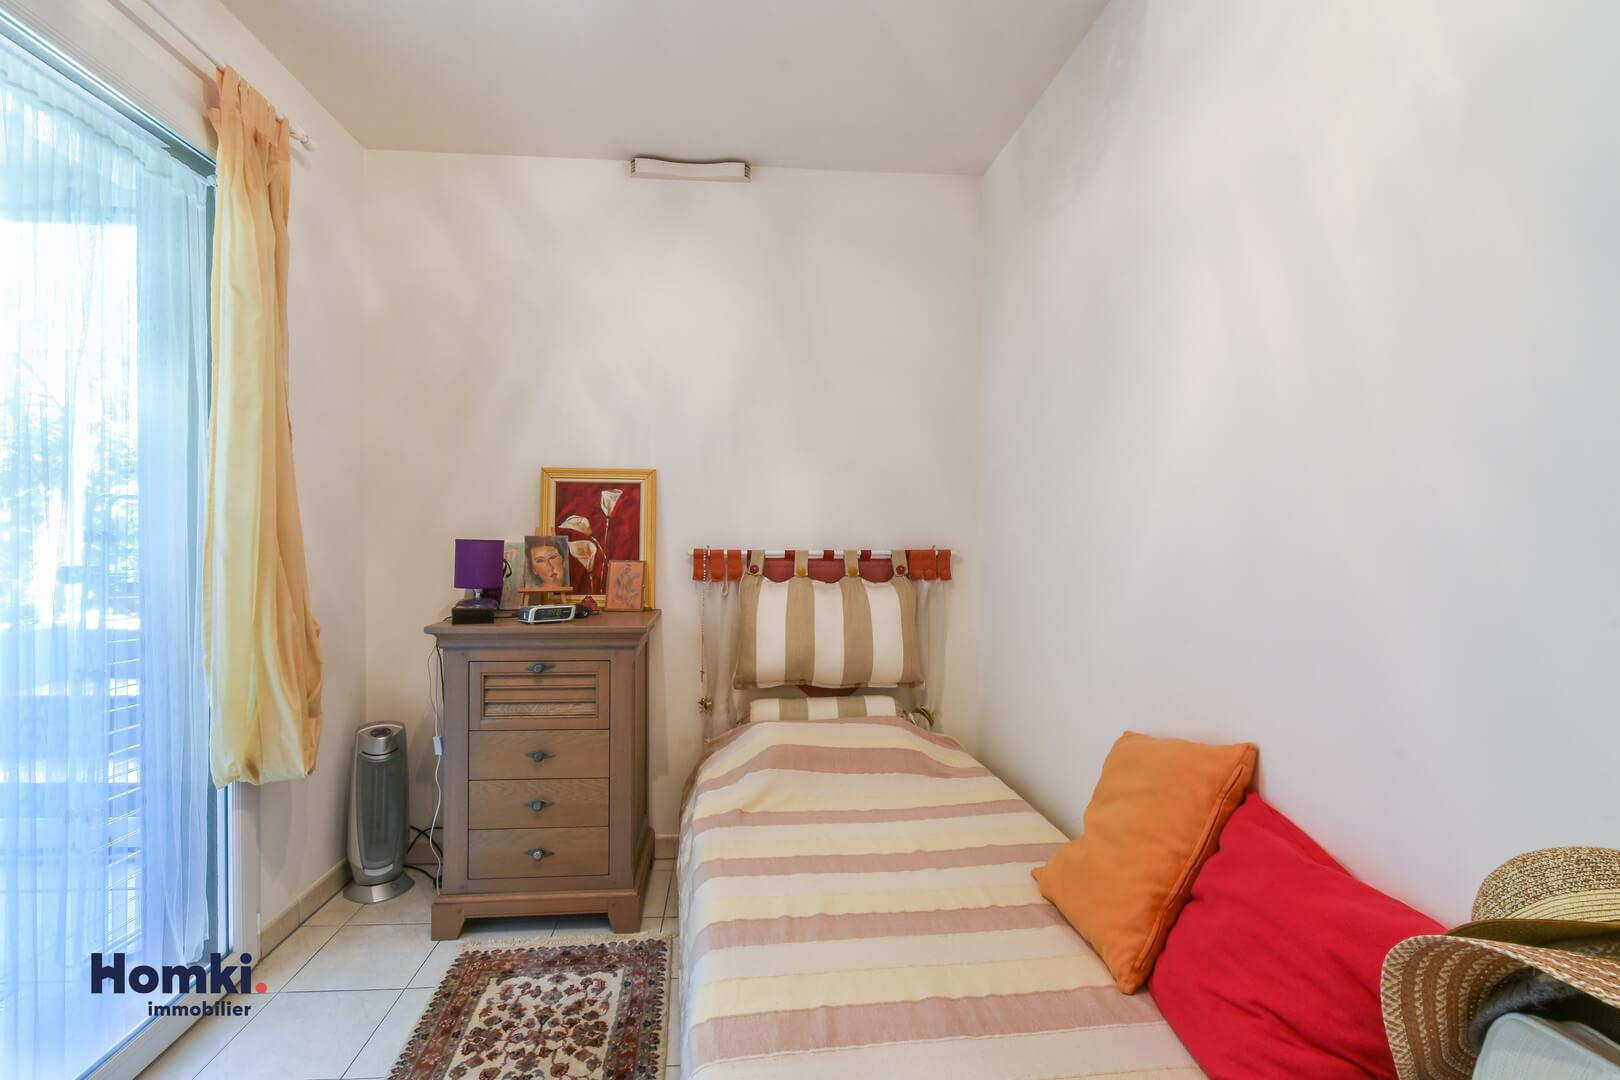 Vente appartement Saint Raphael T3 83700_9